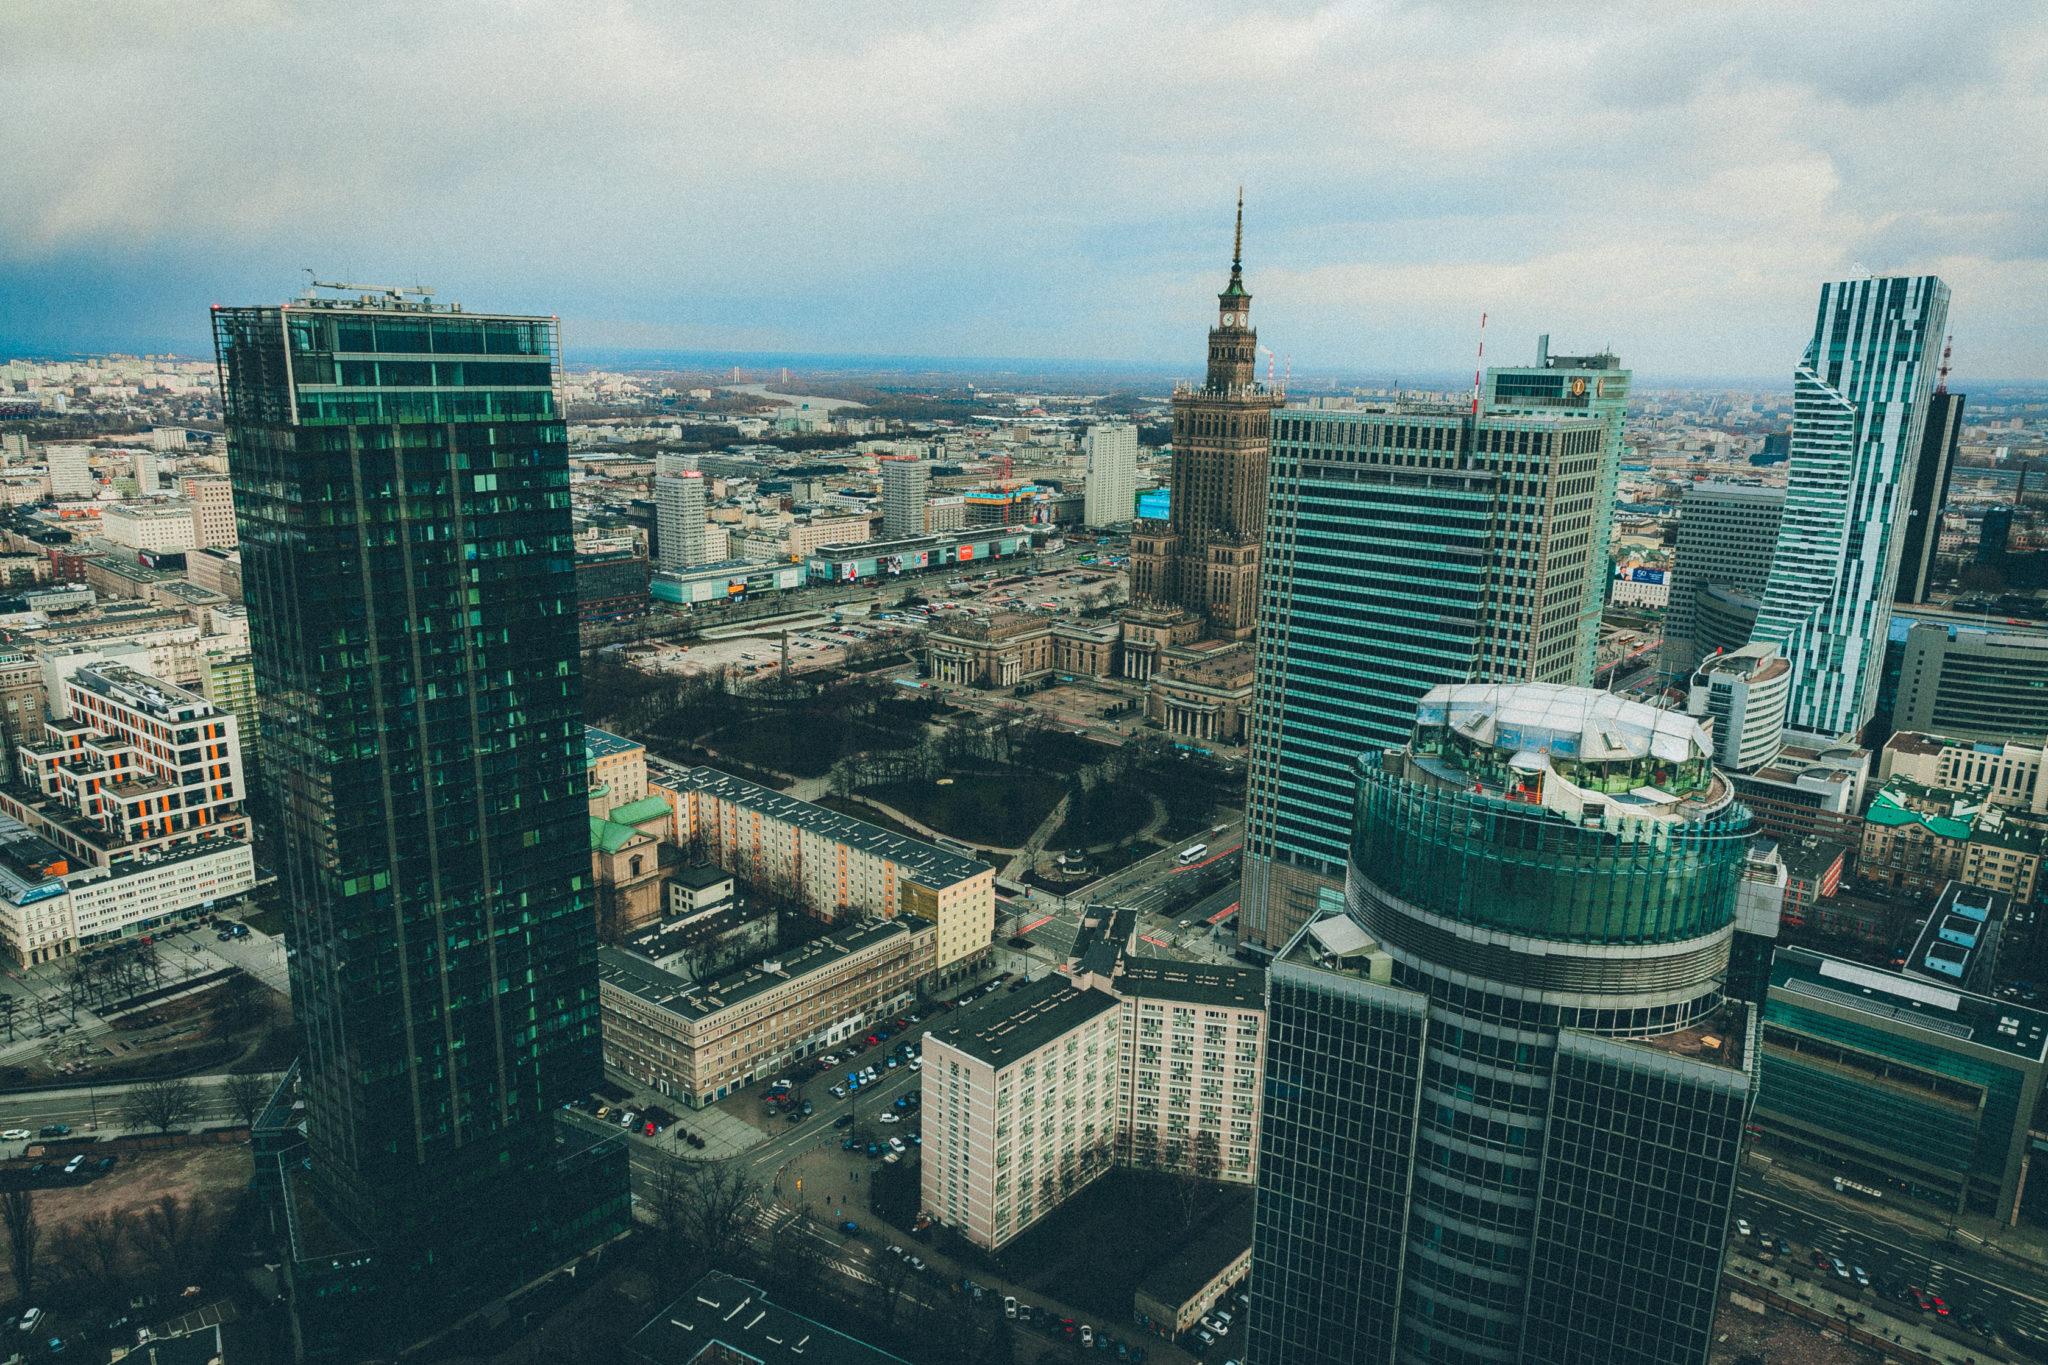 Widok Warszawy z dachu wierzowca